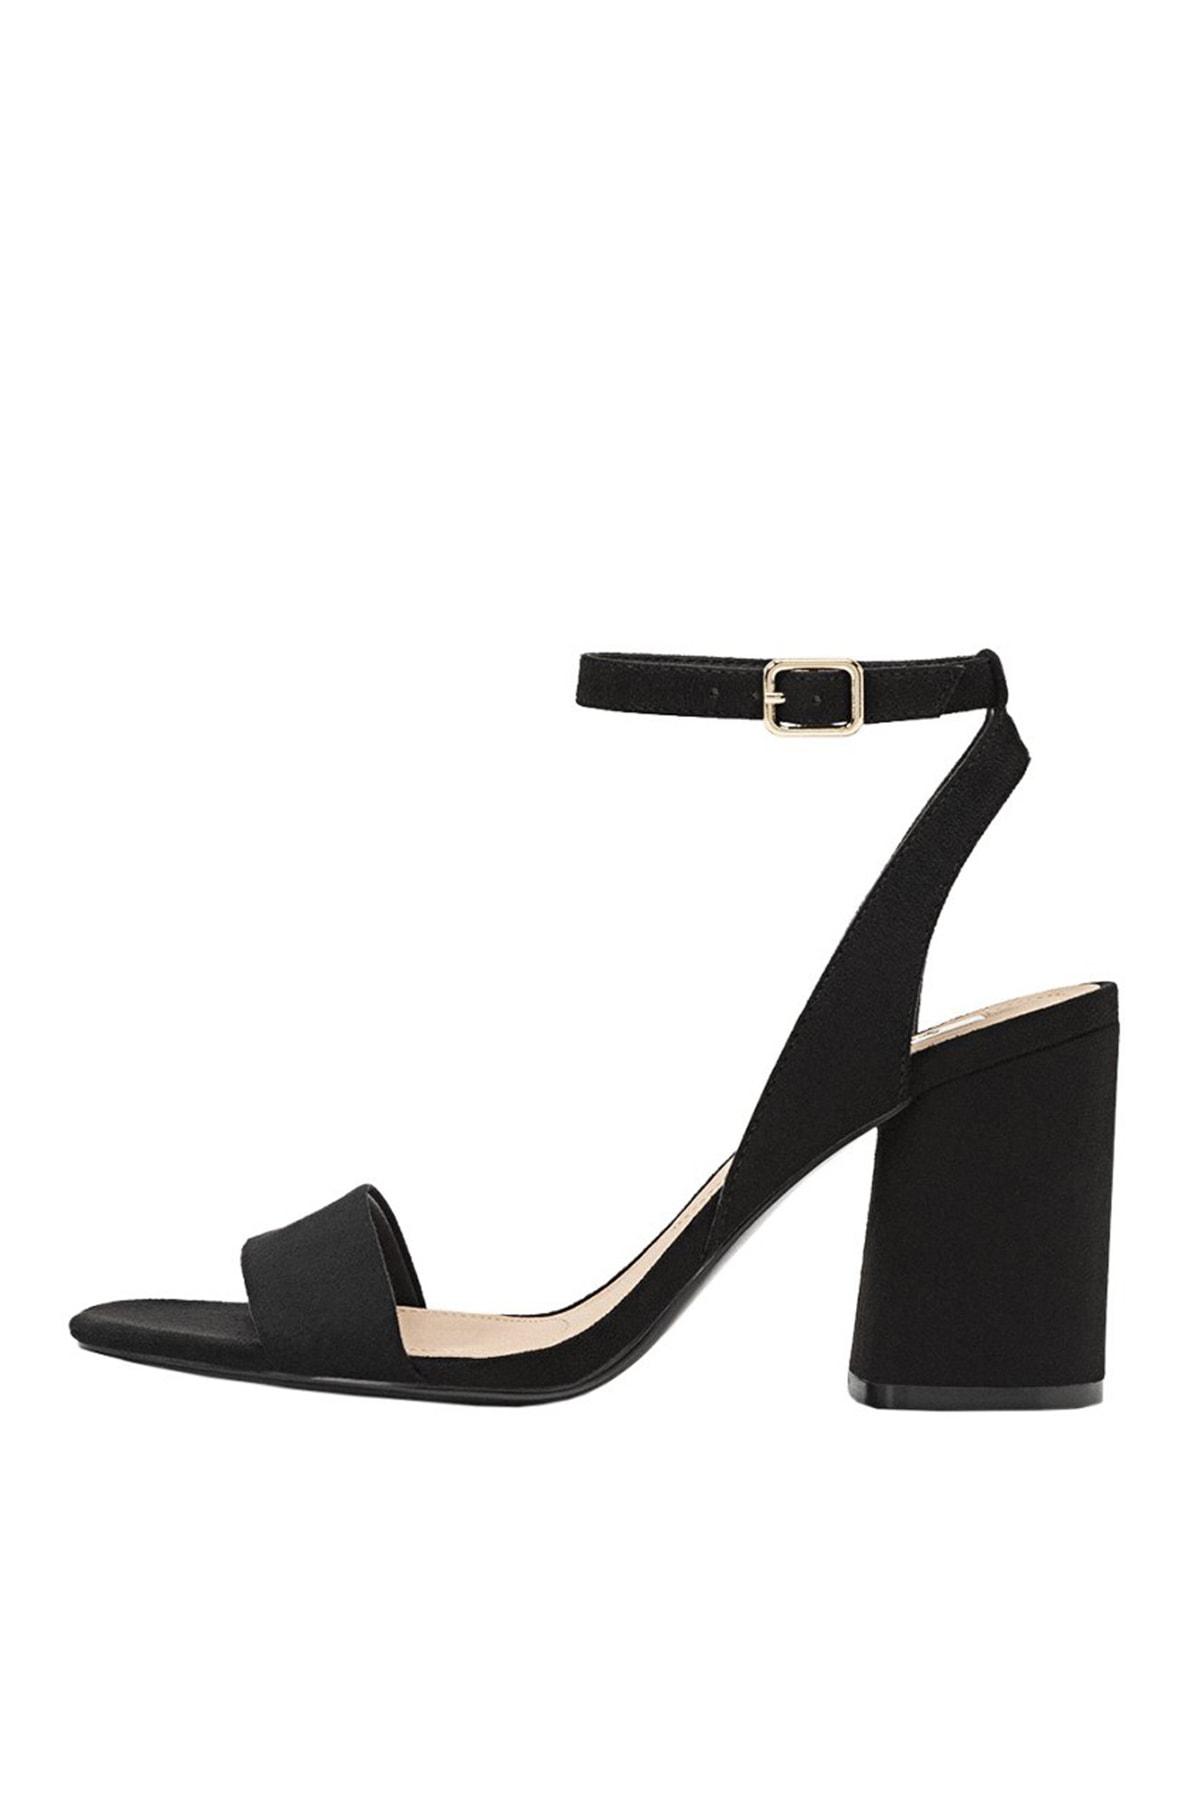 Stradivarius Kadın Siyah Bilekten Bantlı Topuklu Sandalet 19202570